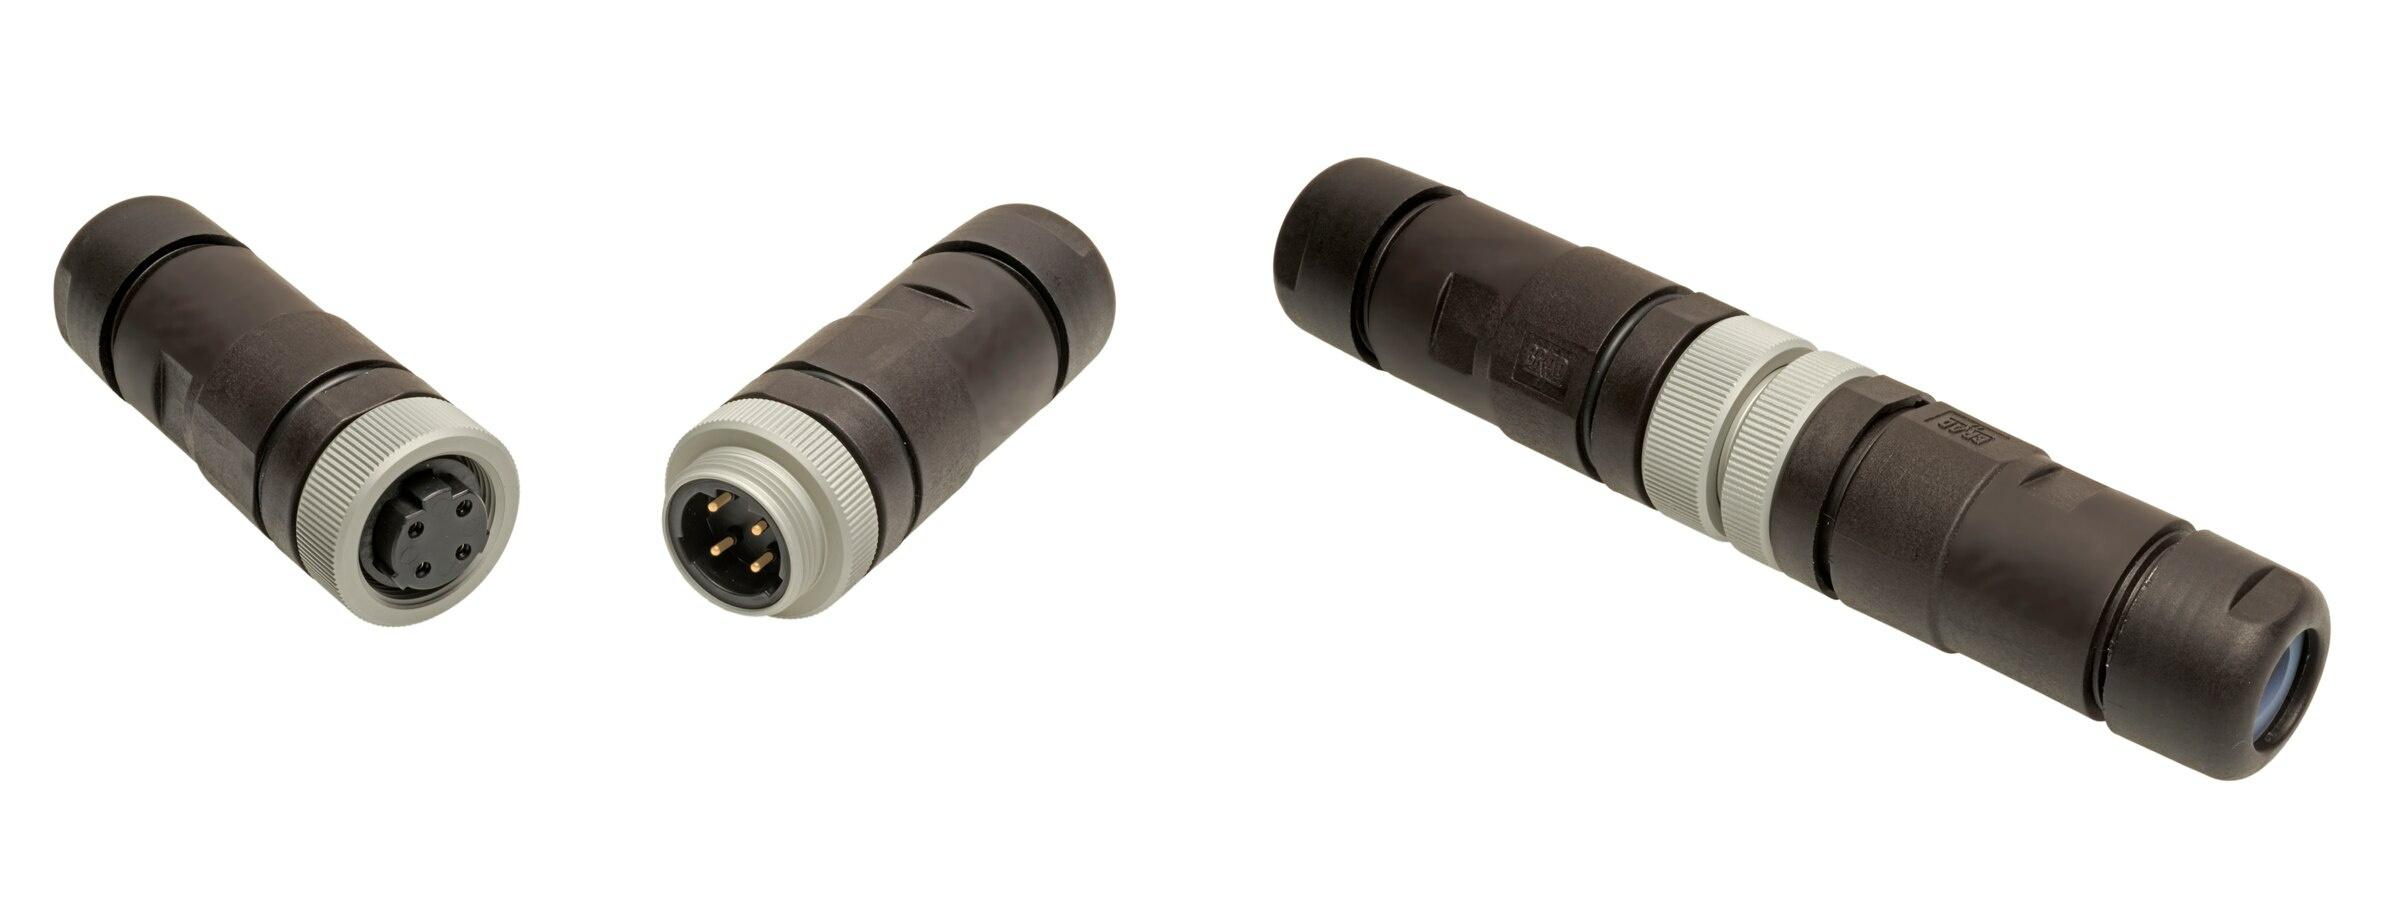 25A対応のBradPower Cサイズ(M29)フィールドアタッチャブルコネクターを発表